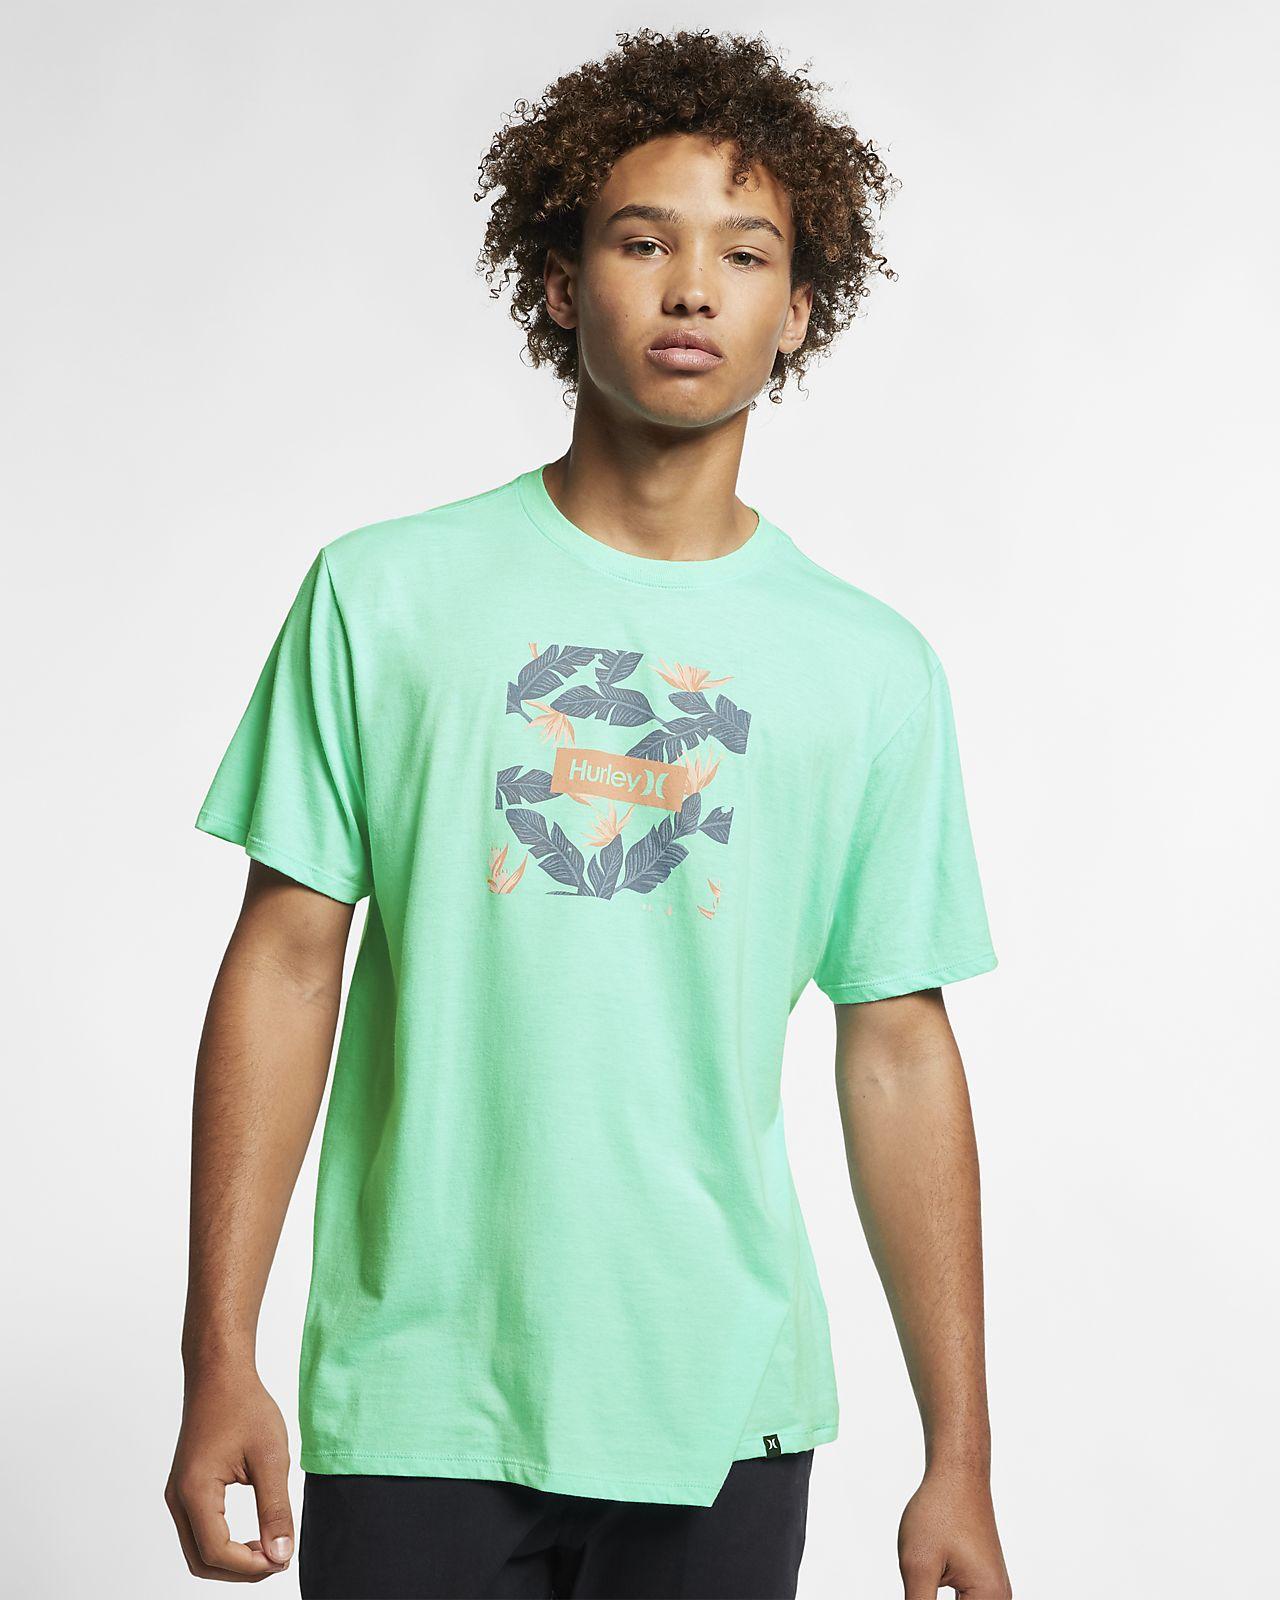 ハーレー プレミアム ボックス フローラル メンズ Tシャツ